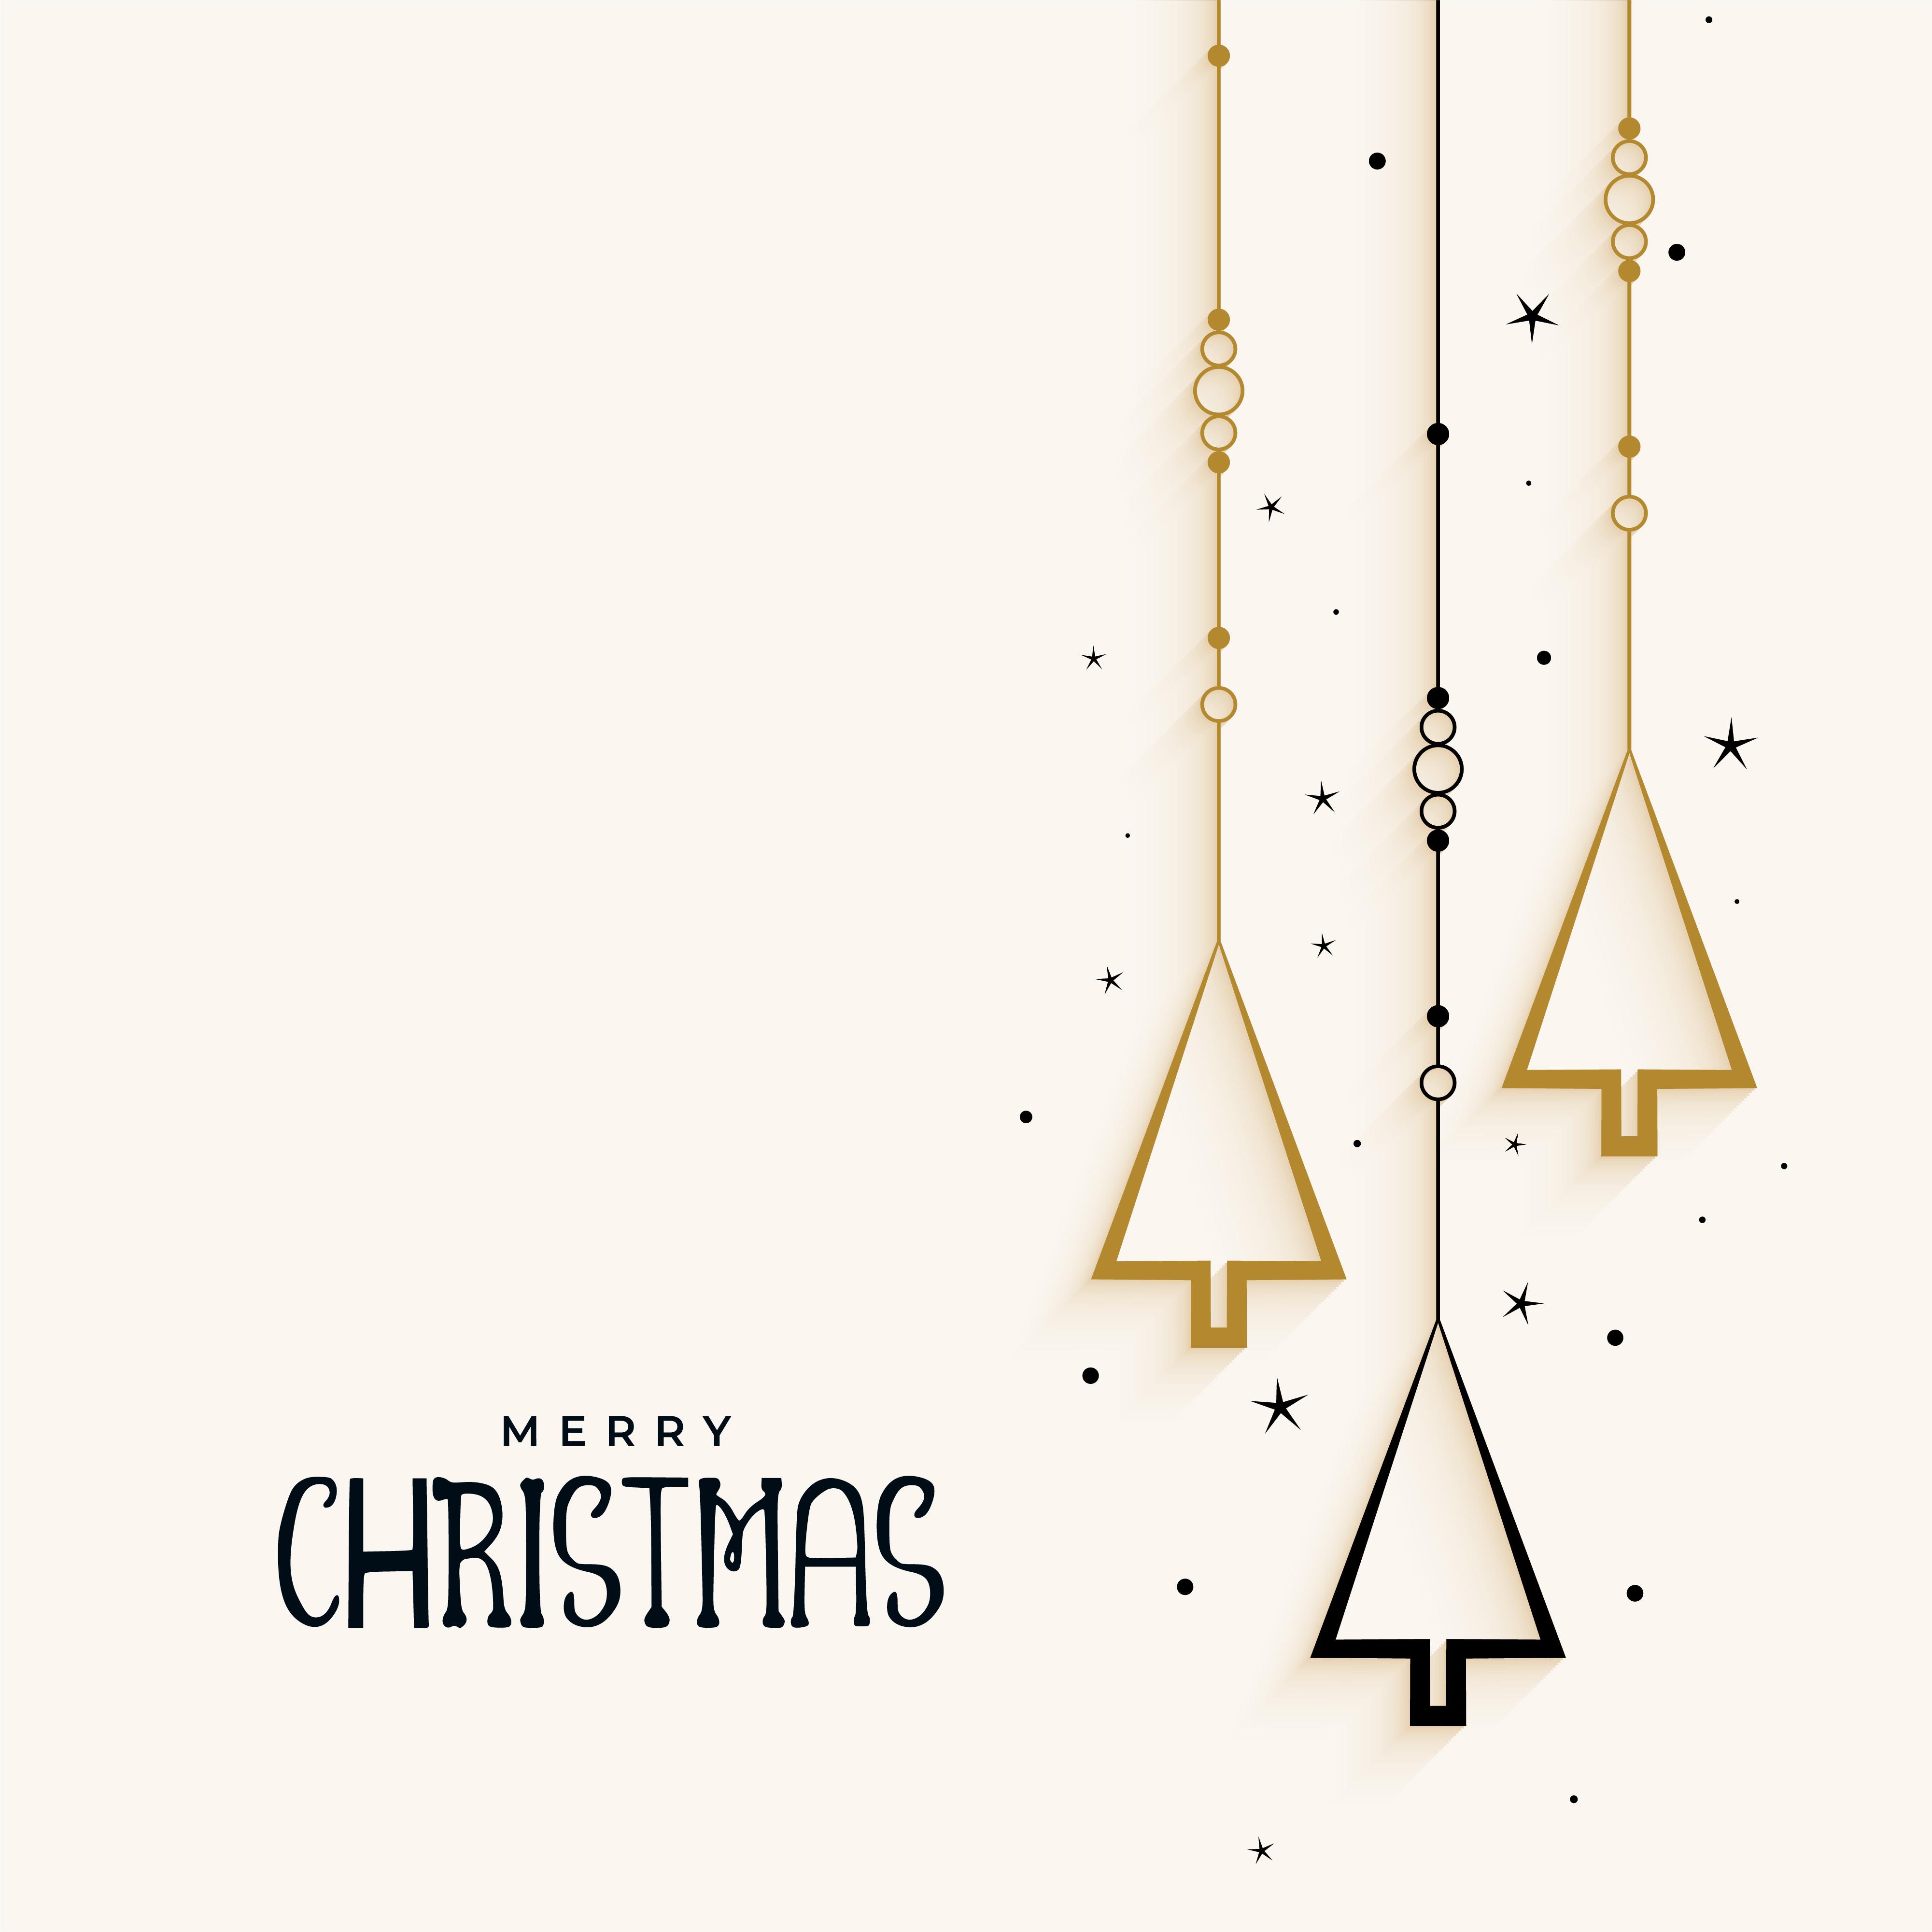 Stylish Christmas Tree Elegant Background